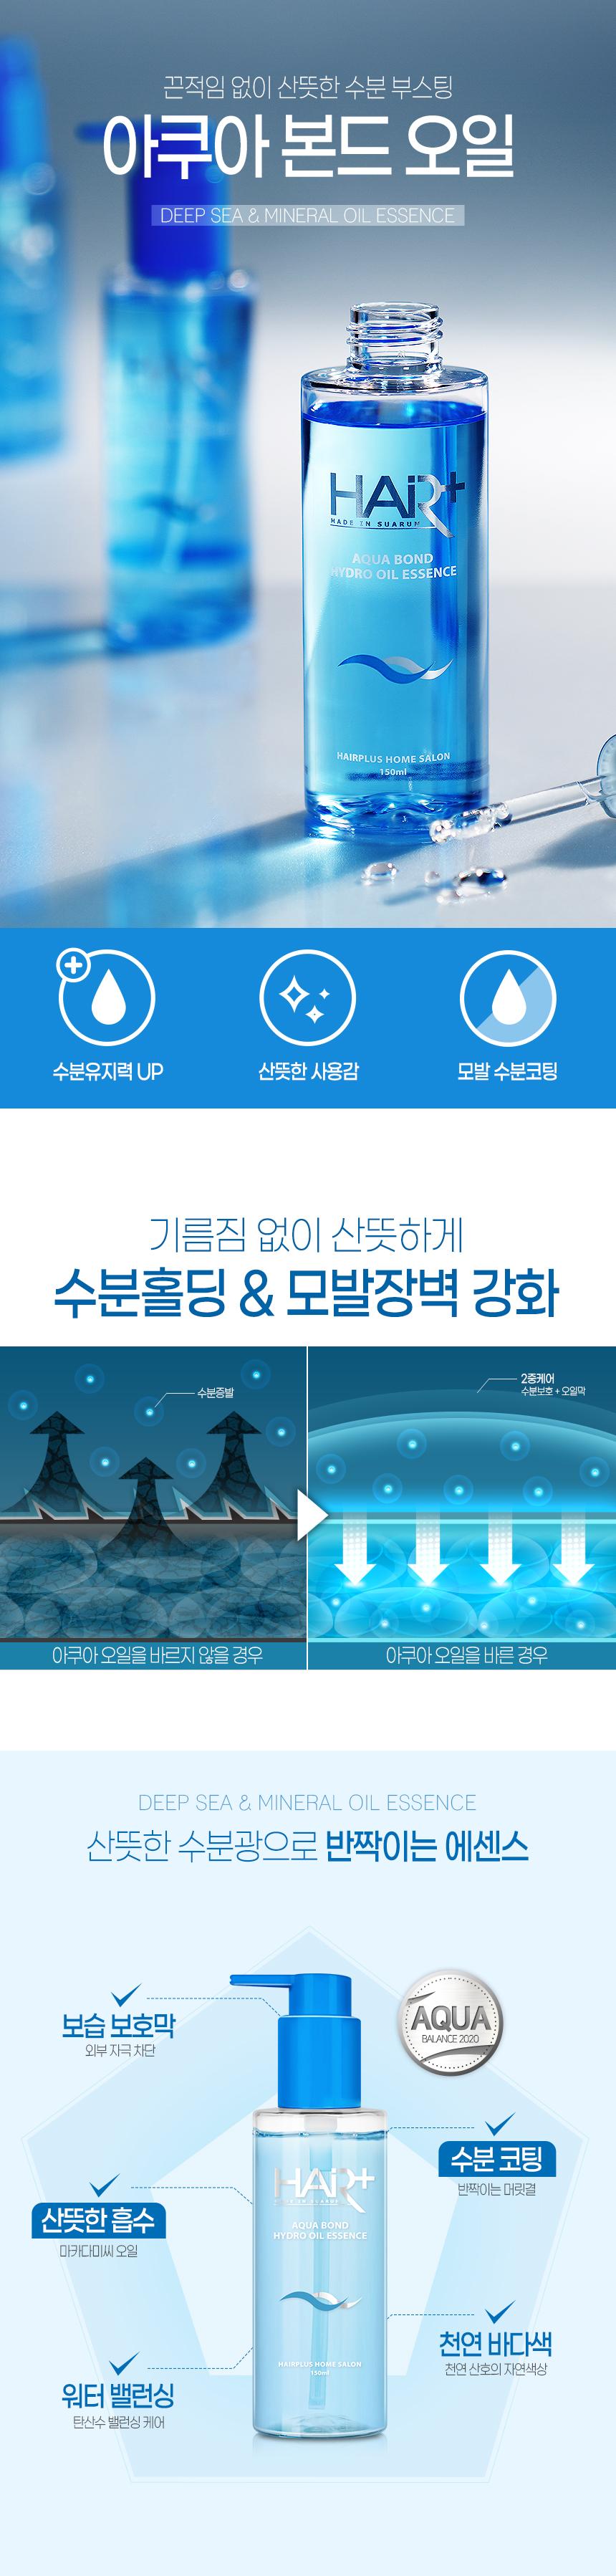 헤어플러스 아쿠아 본드 오일에센스 15ml, 신세계적 쇼핑포털 SSG.COM